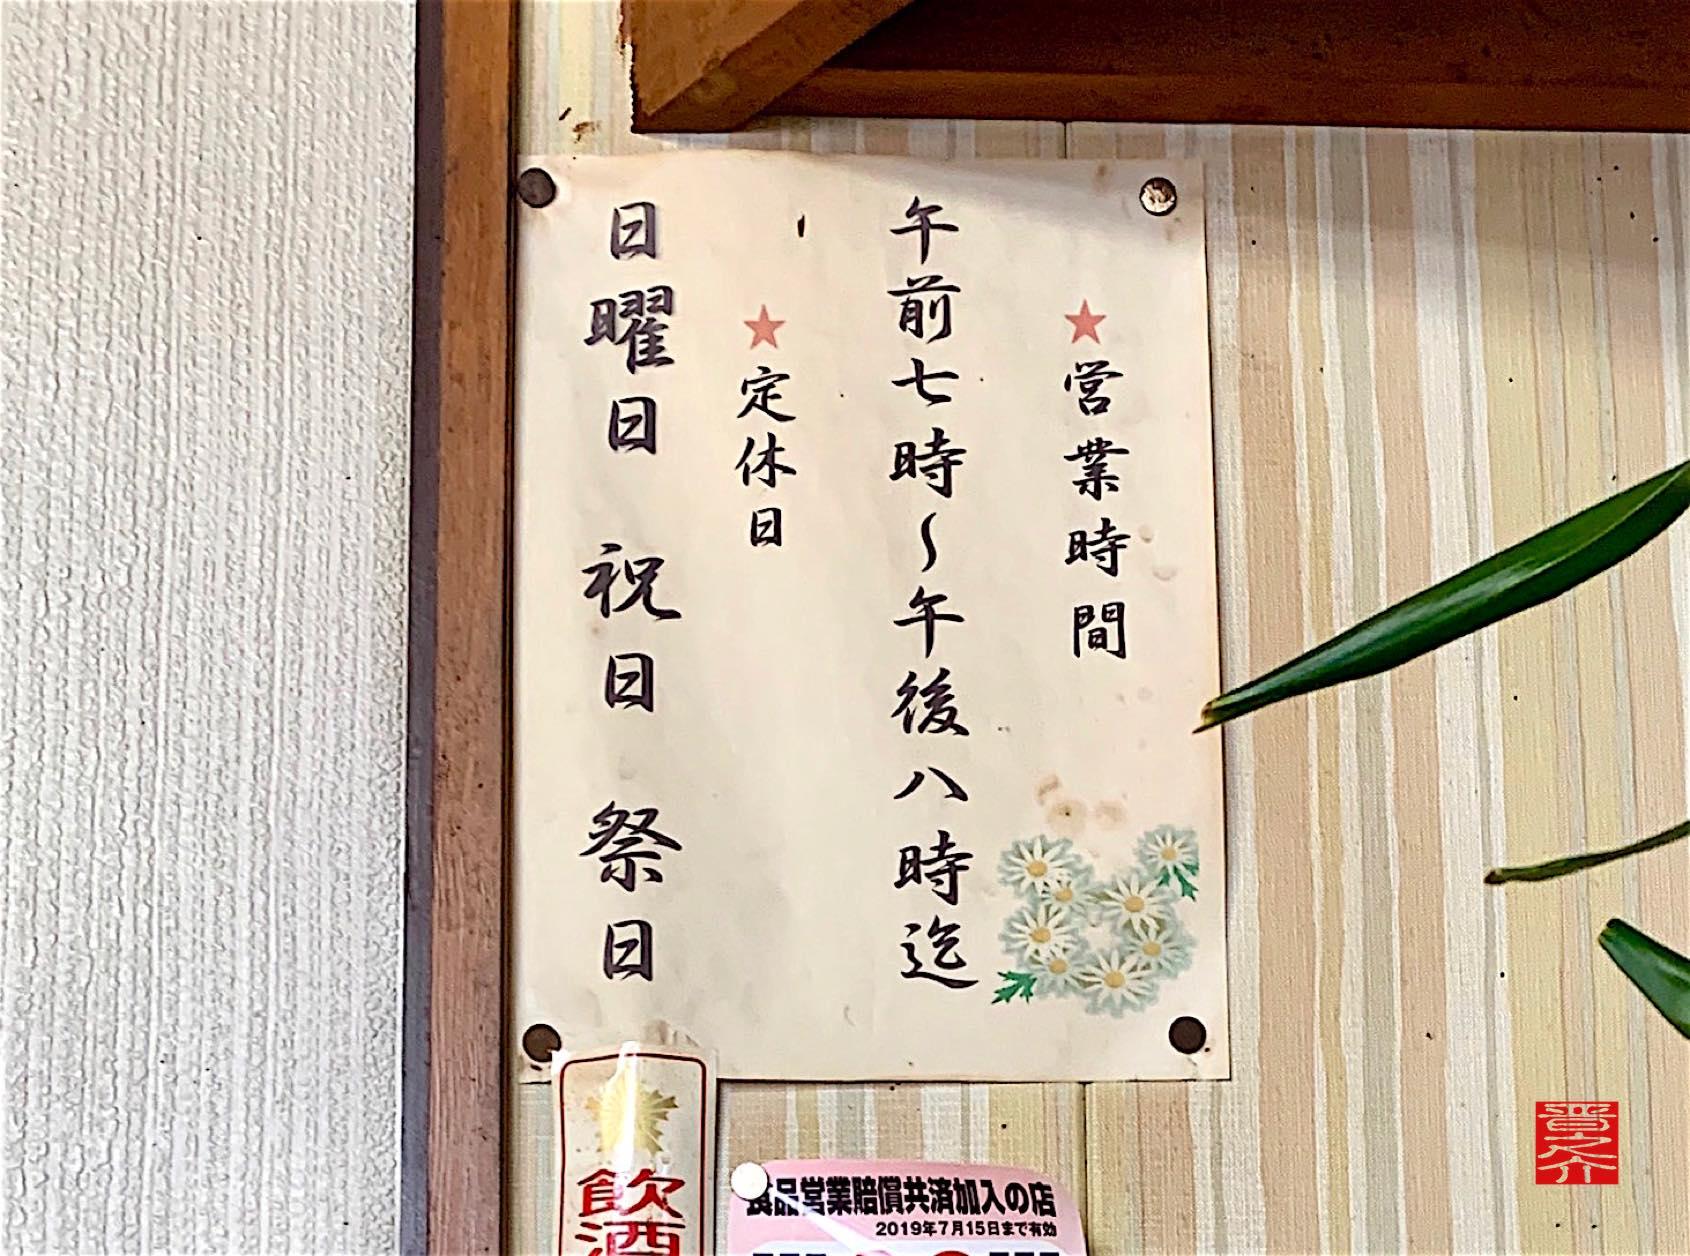 大衆食堂 岡田屋 営業時間